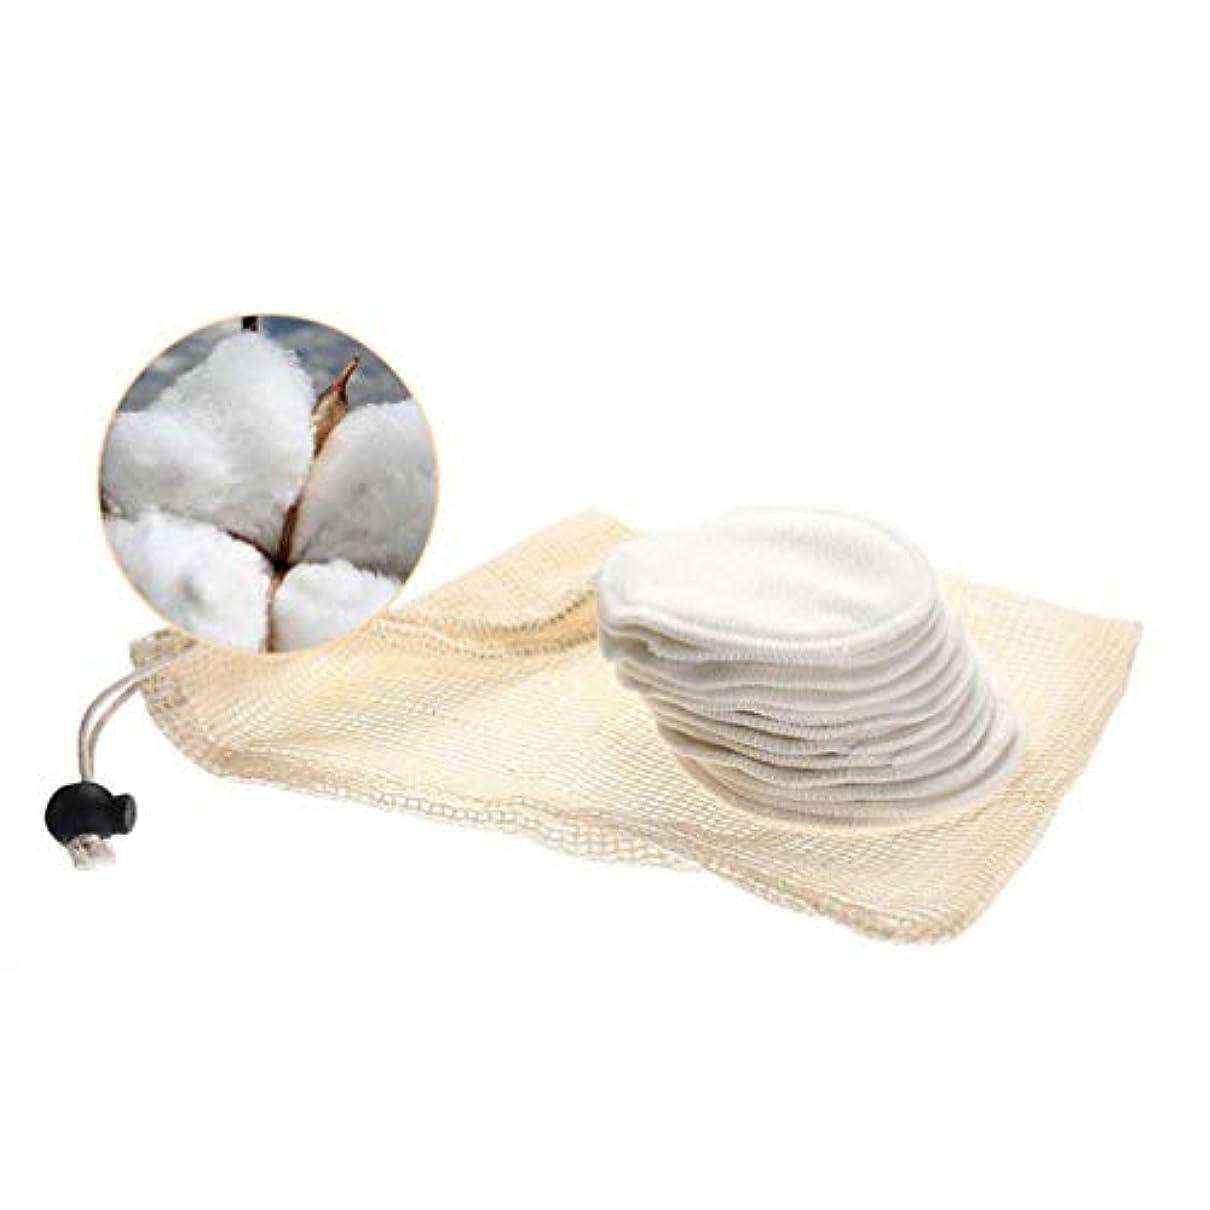 マントスチュワード儀式HEALLILY 再利用可能な化粧リムーバーパッド洗える顔クレンジングパッド竹炭コットンラウンドアイフェイスメイクアップ12pcsを削除するための収納袋